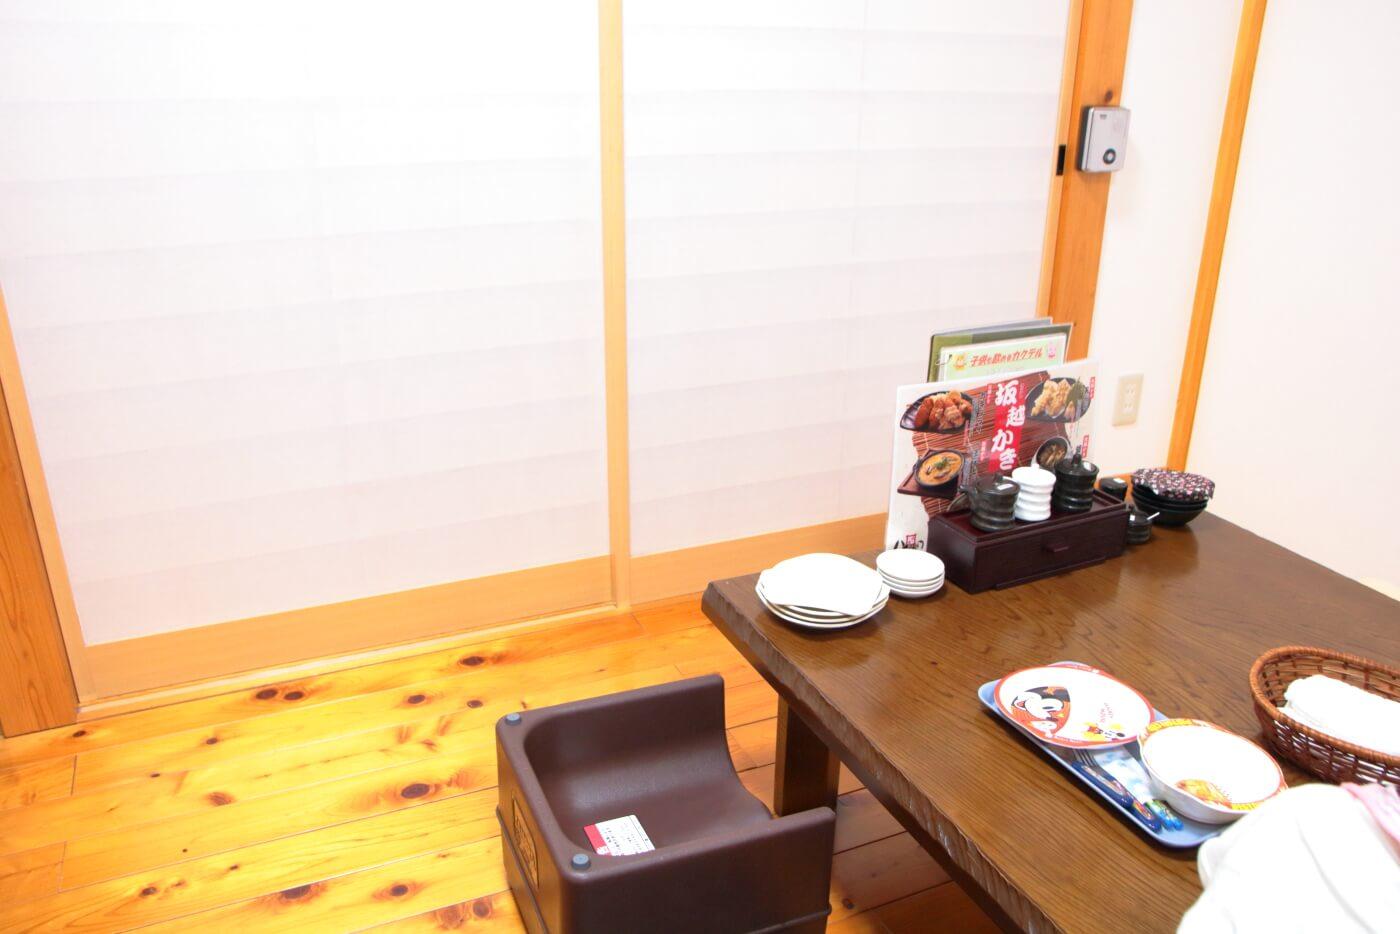 高知市の居酒屋 八右衛門(はちえもん) 内観 個室の座敷